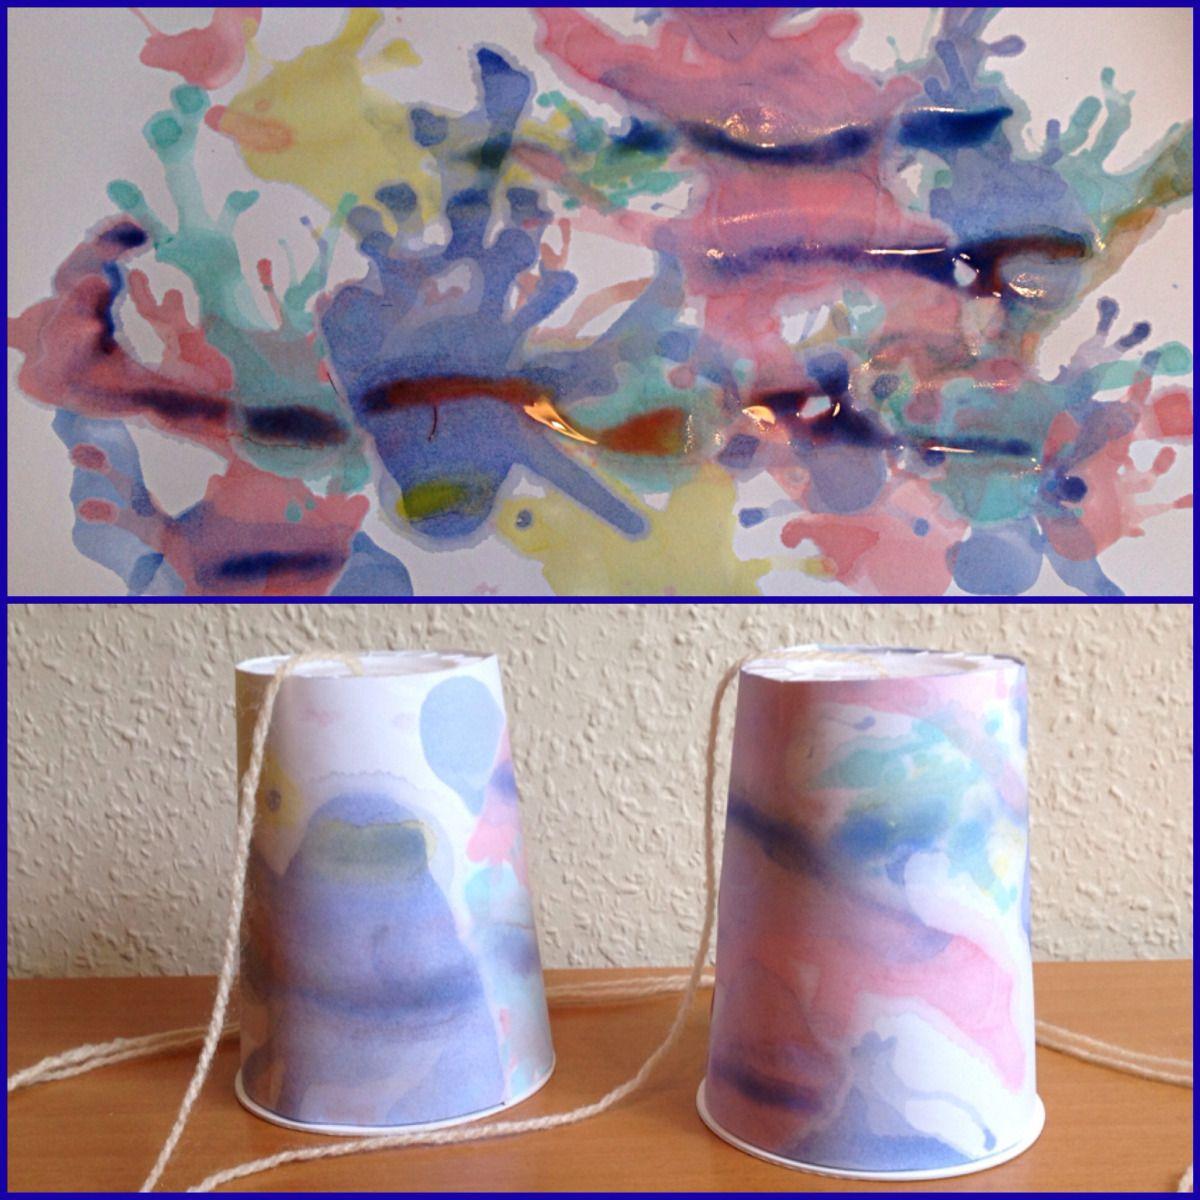 Heute will ich euch zeigen, wie schnell man mit Kindern im frühen Kindergartenalter Papier farbenfroh gestalten kann. Und gleich nach dem Trocknen, kann das Kind mit Hilfe eines Erwachsenen dies Pa...